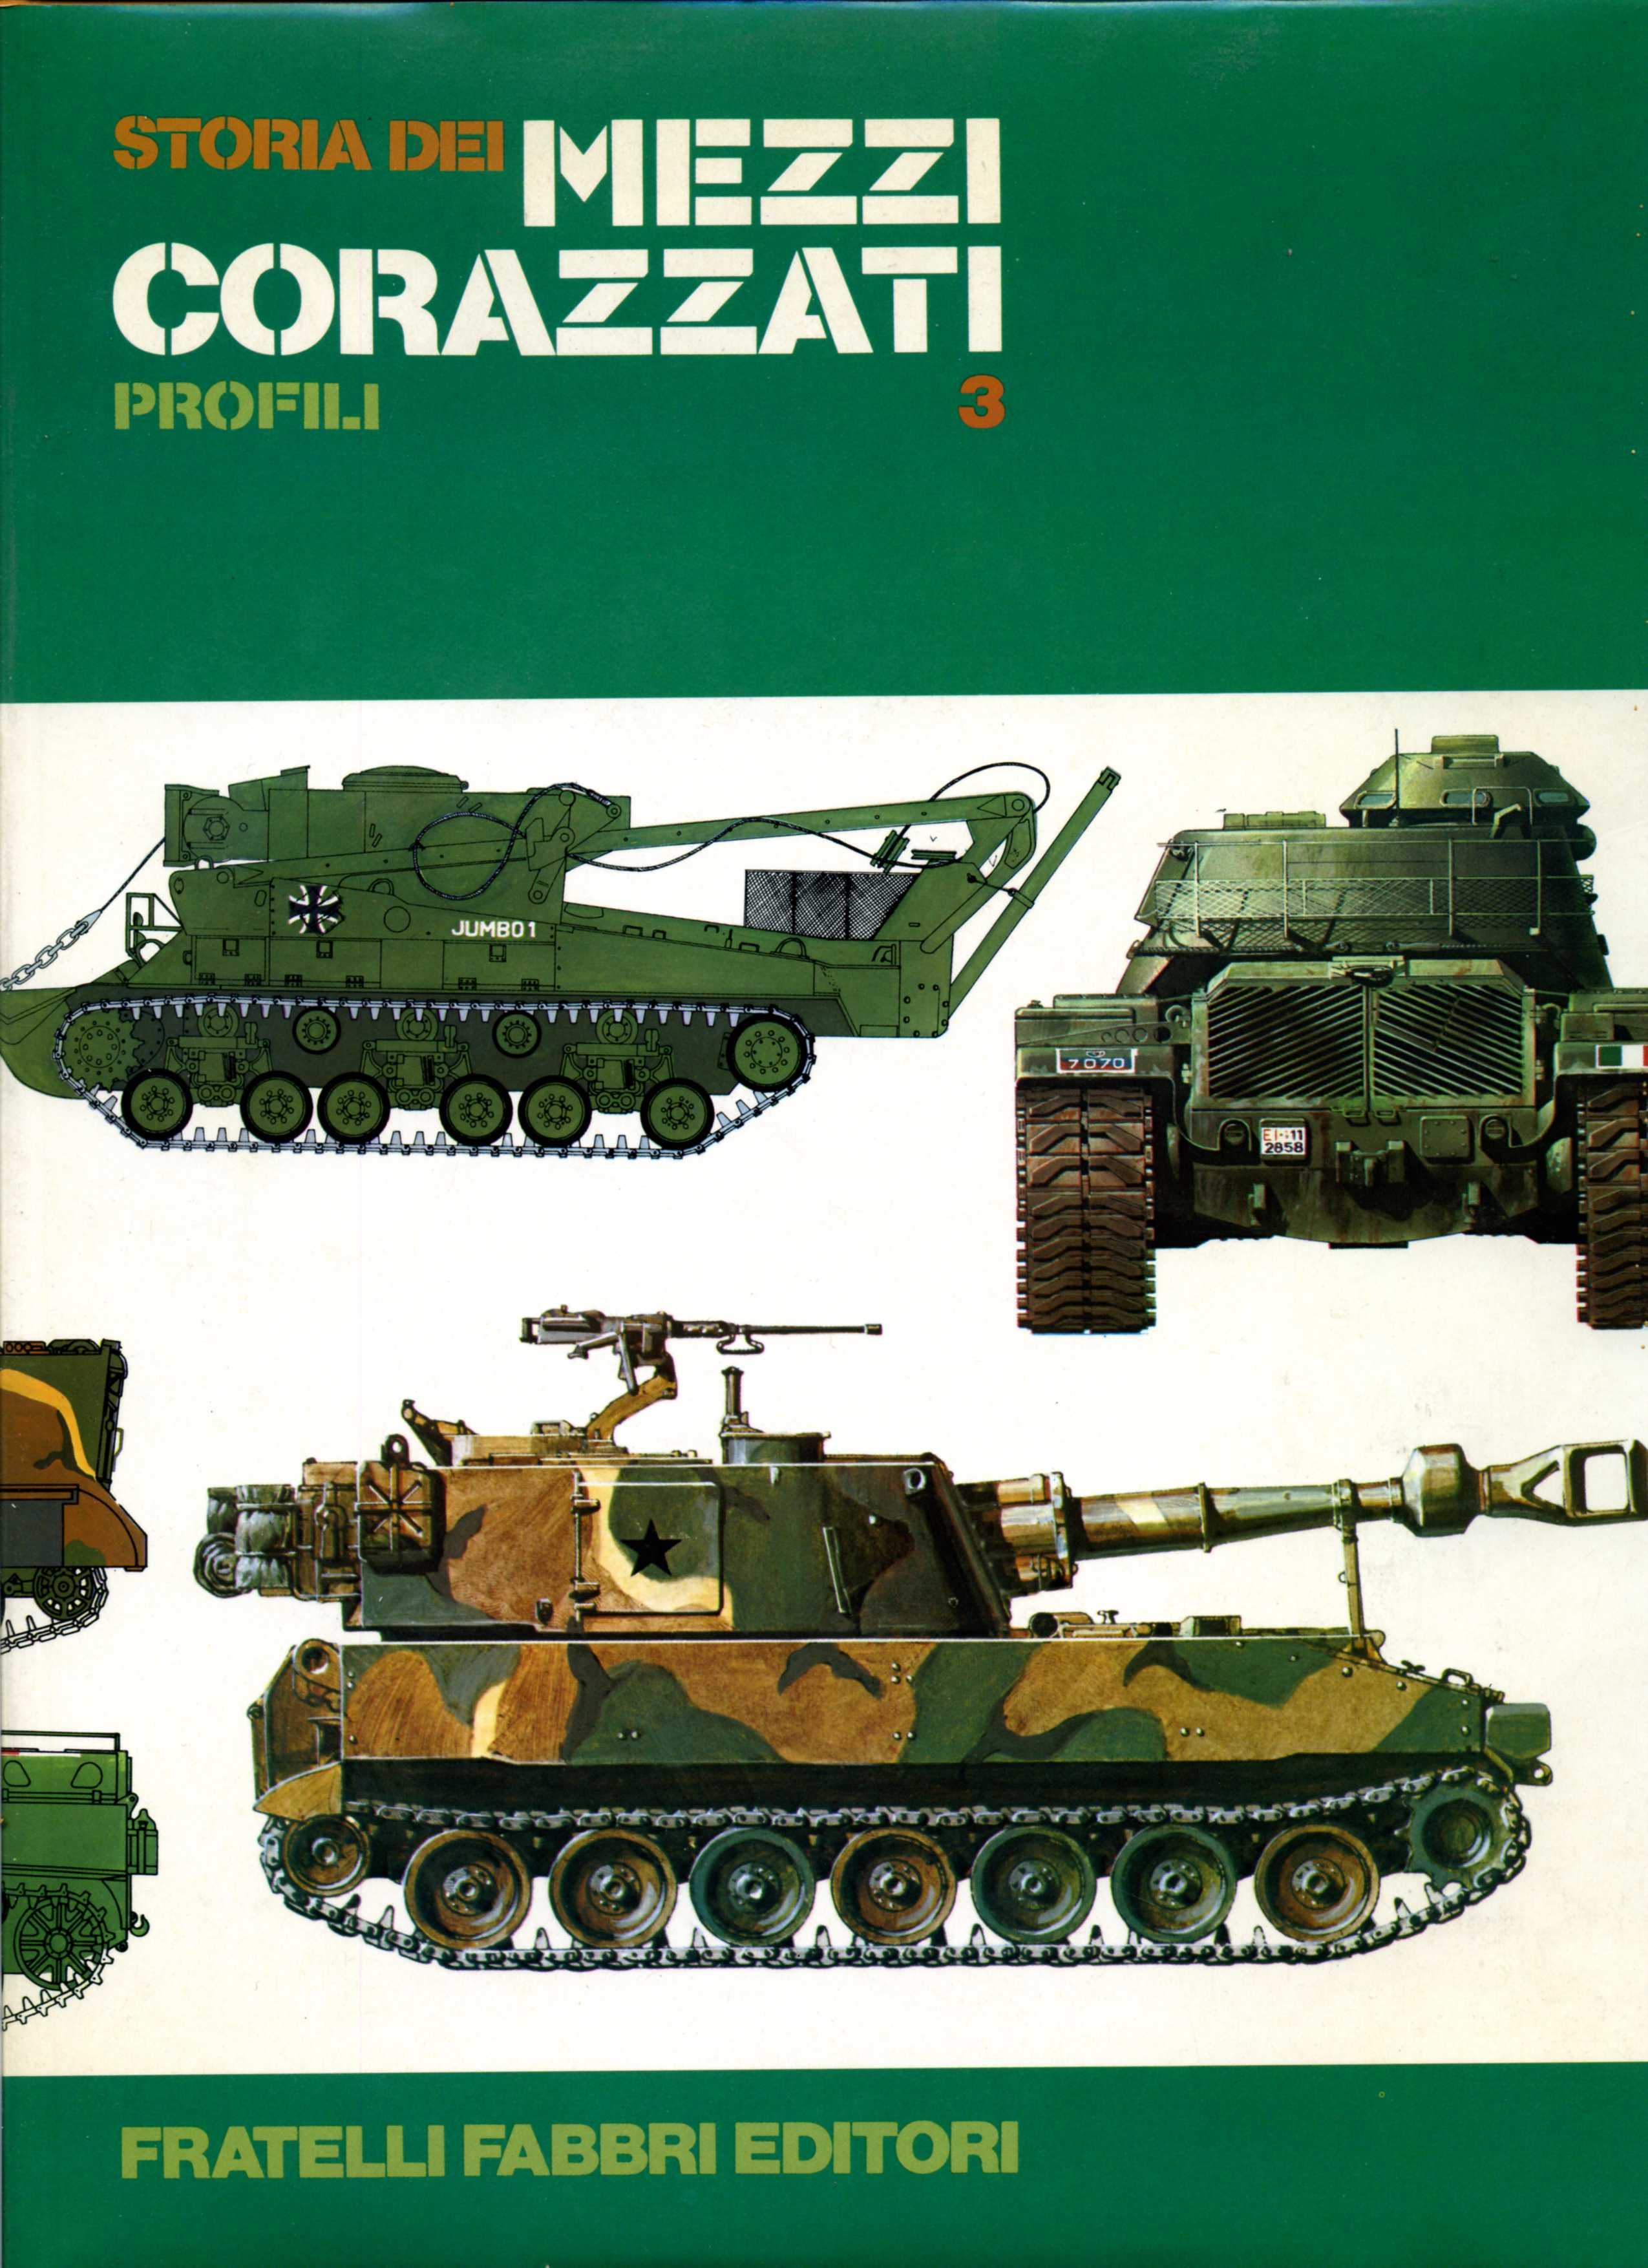 Storia dei mezzi corazzati vol.3 - Profili